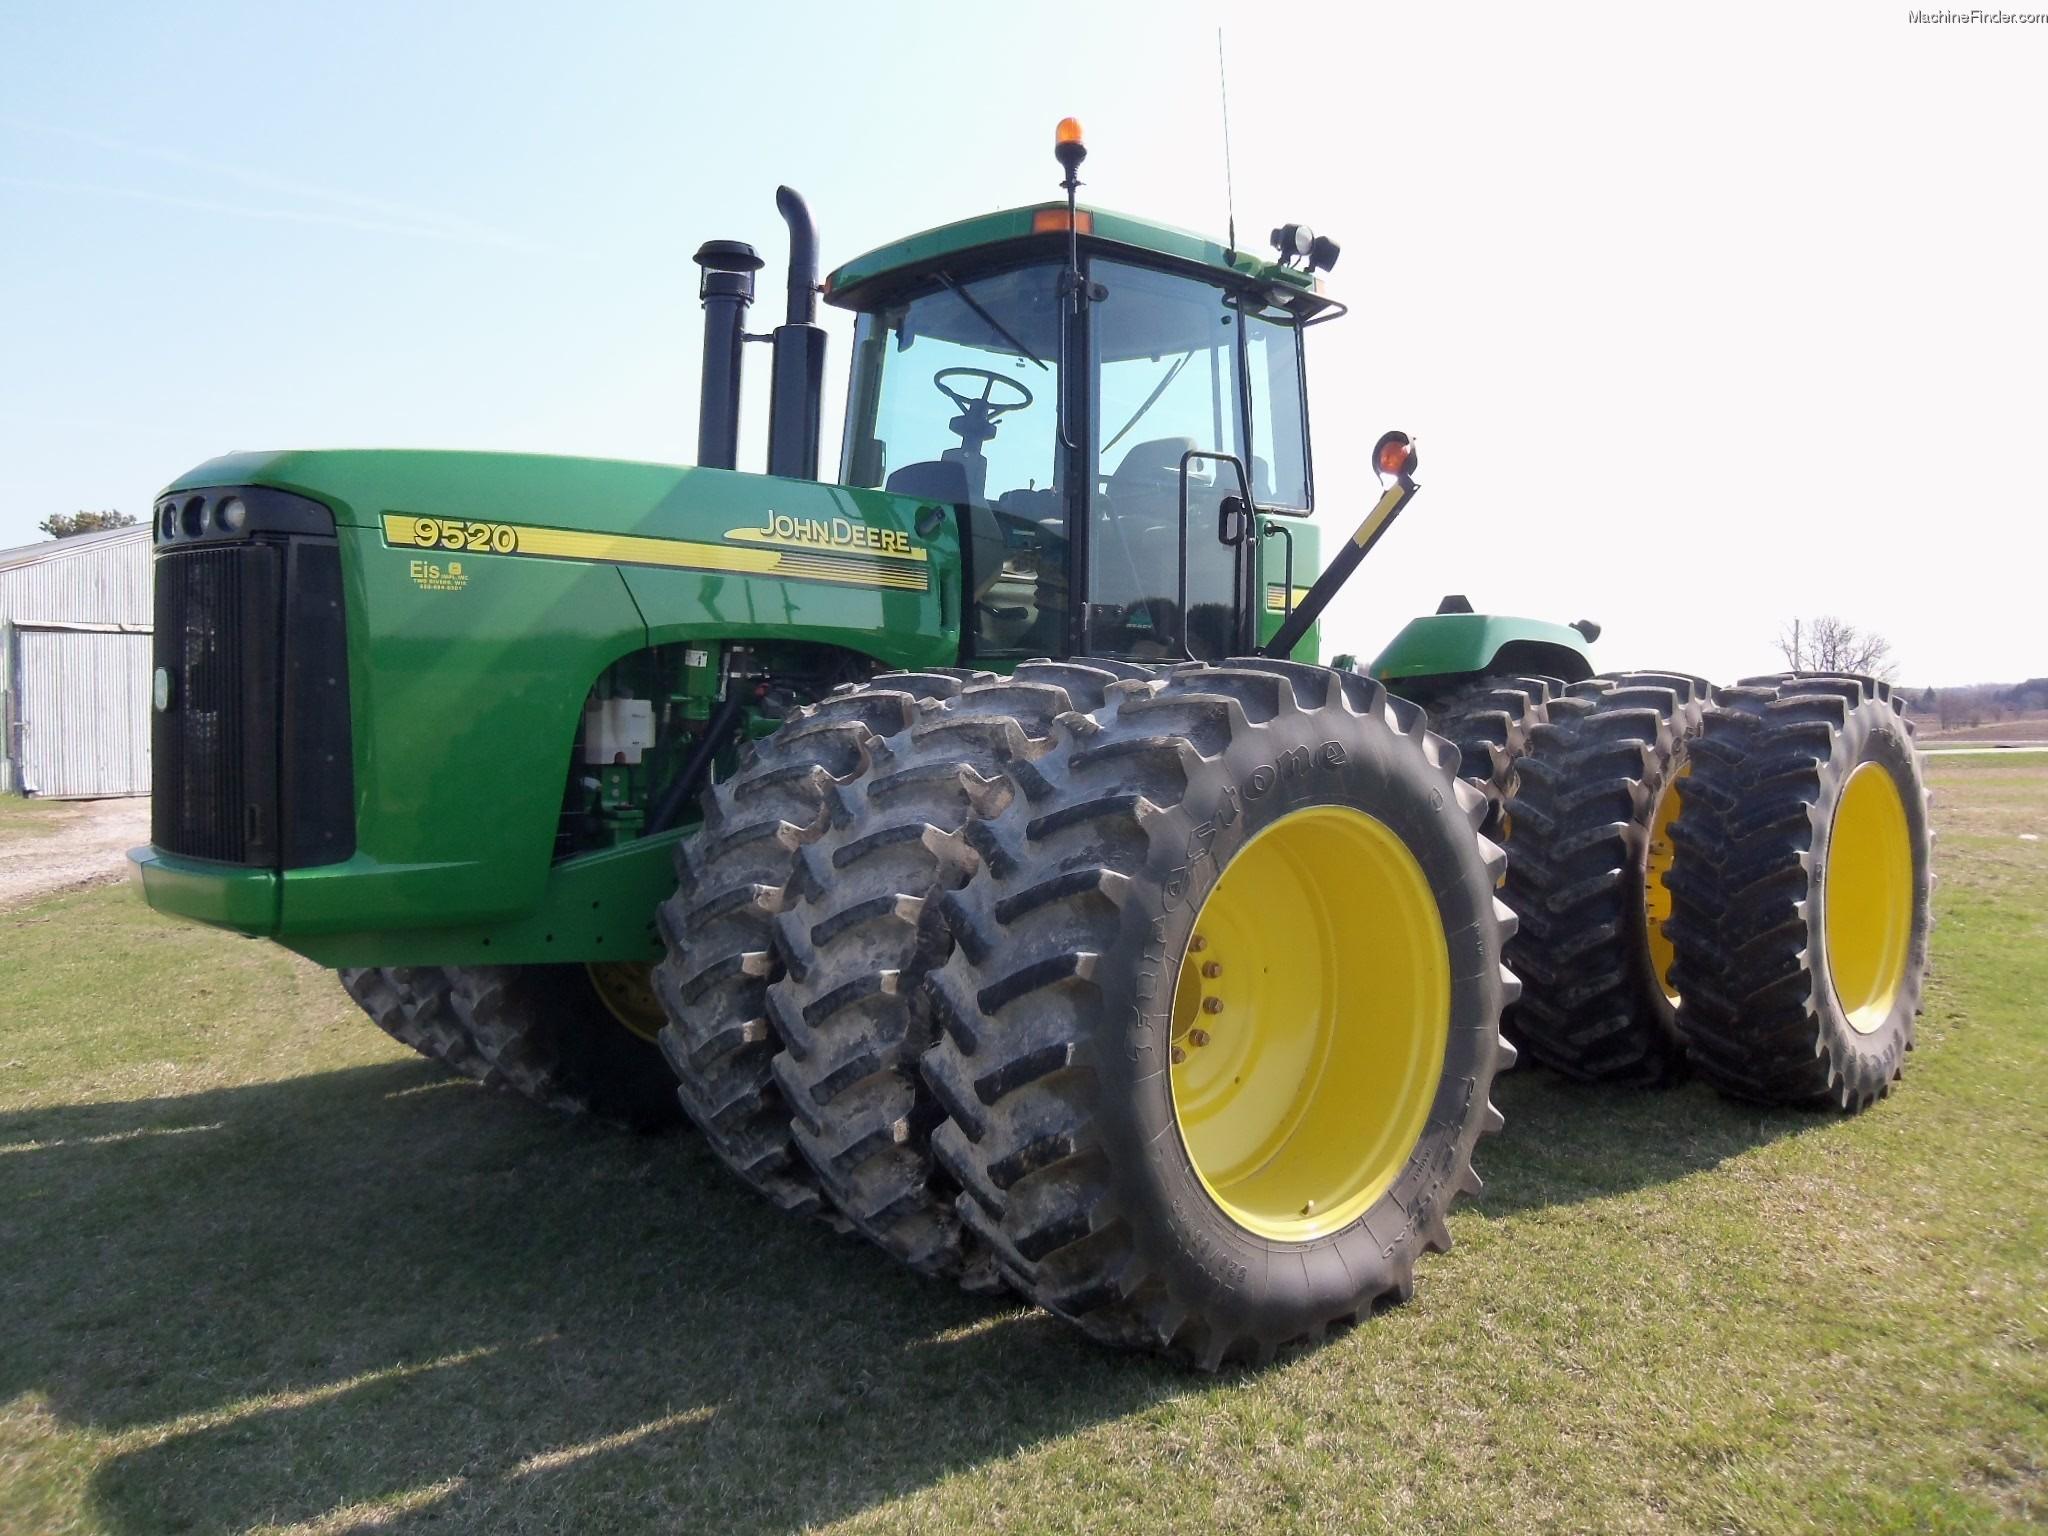 2004 John Deere 9520 Tractors - Articulated 4WD - John ...